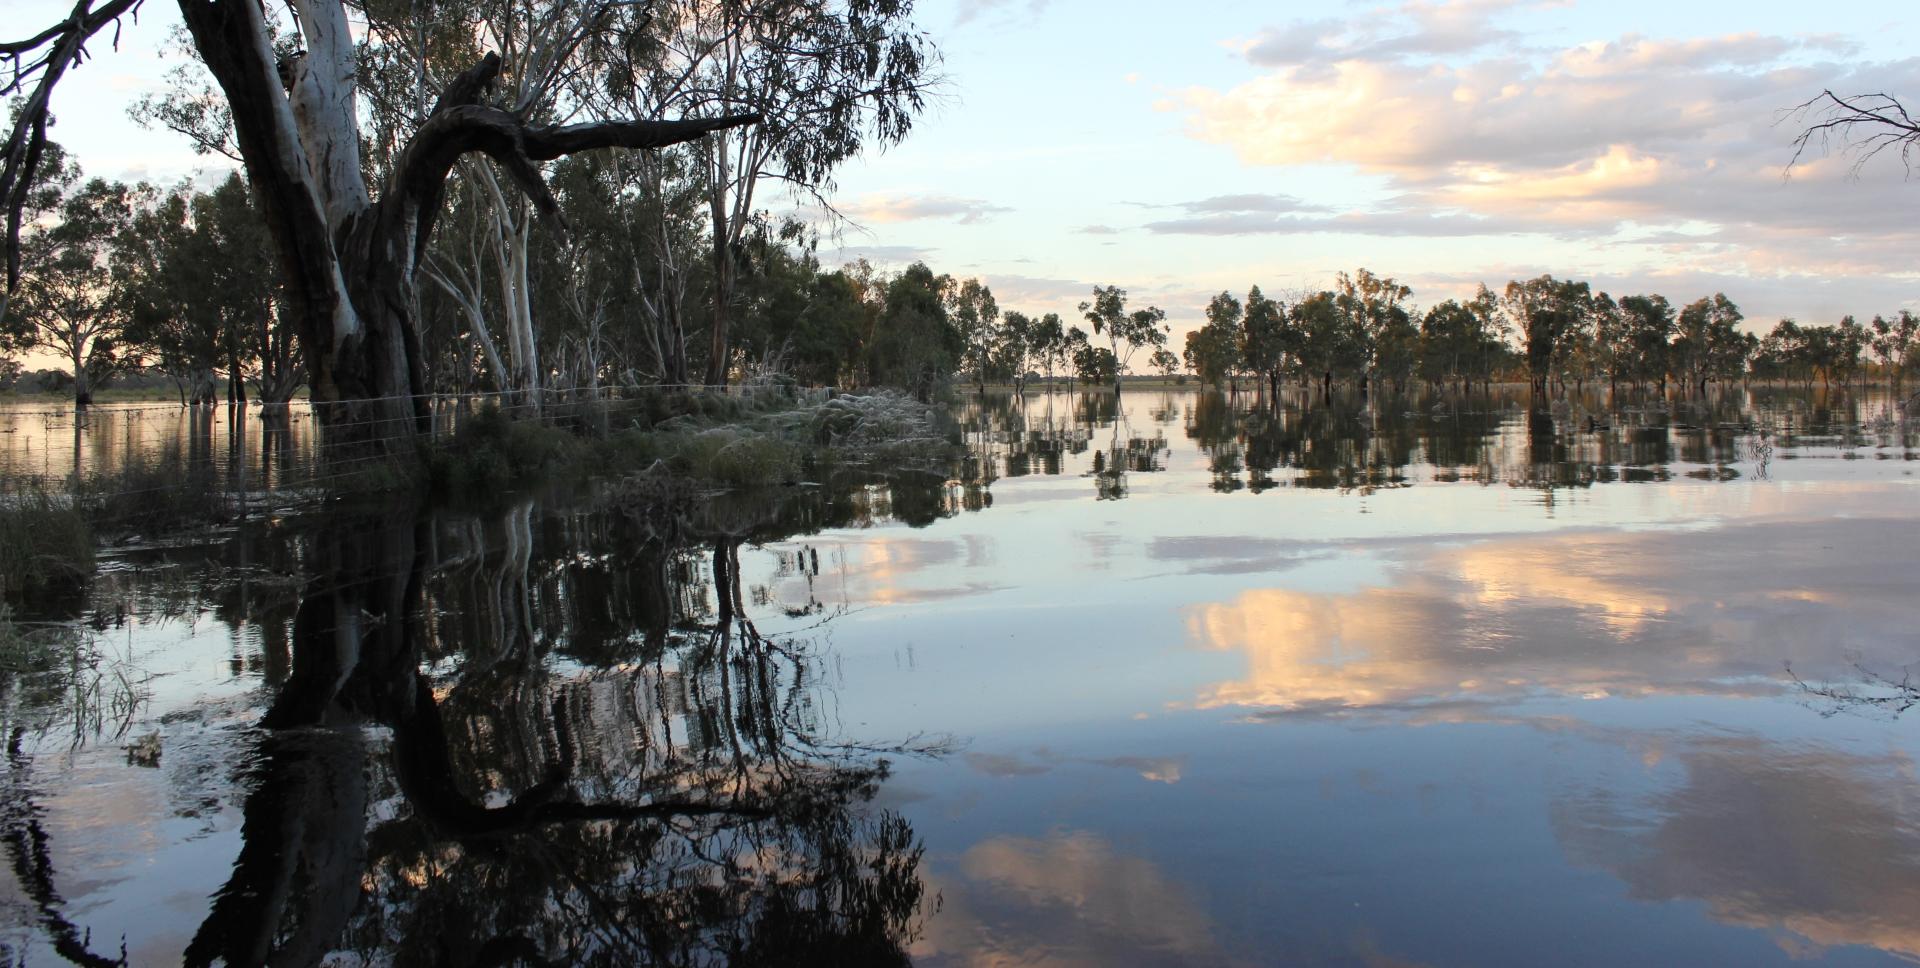 Serene waters at Yanga National Park